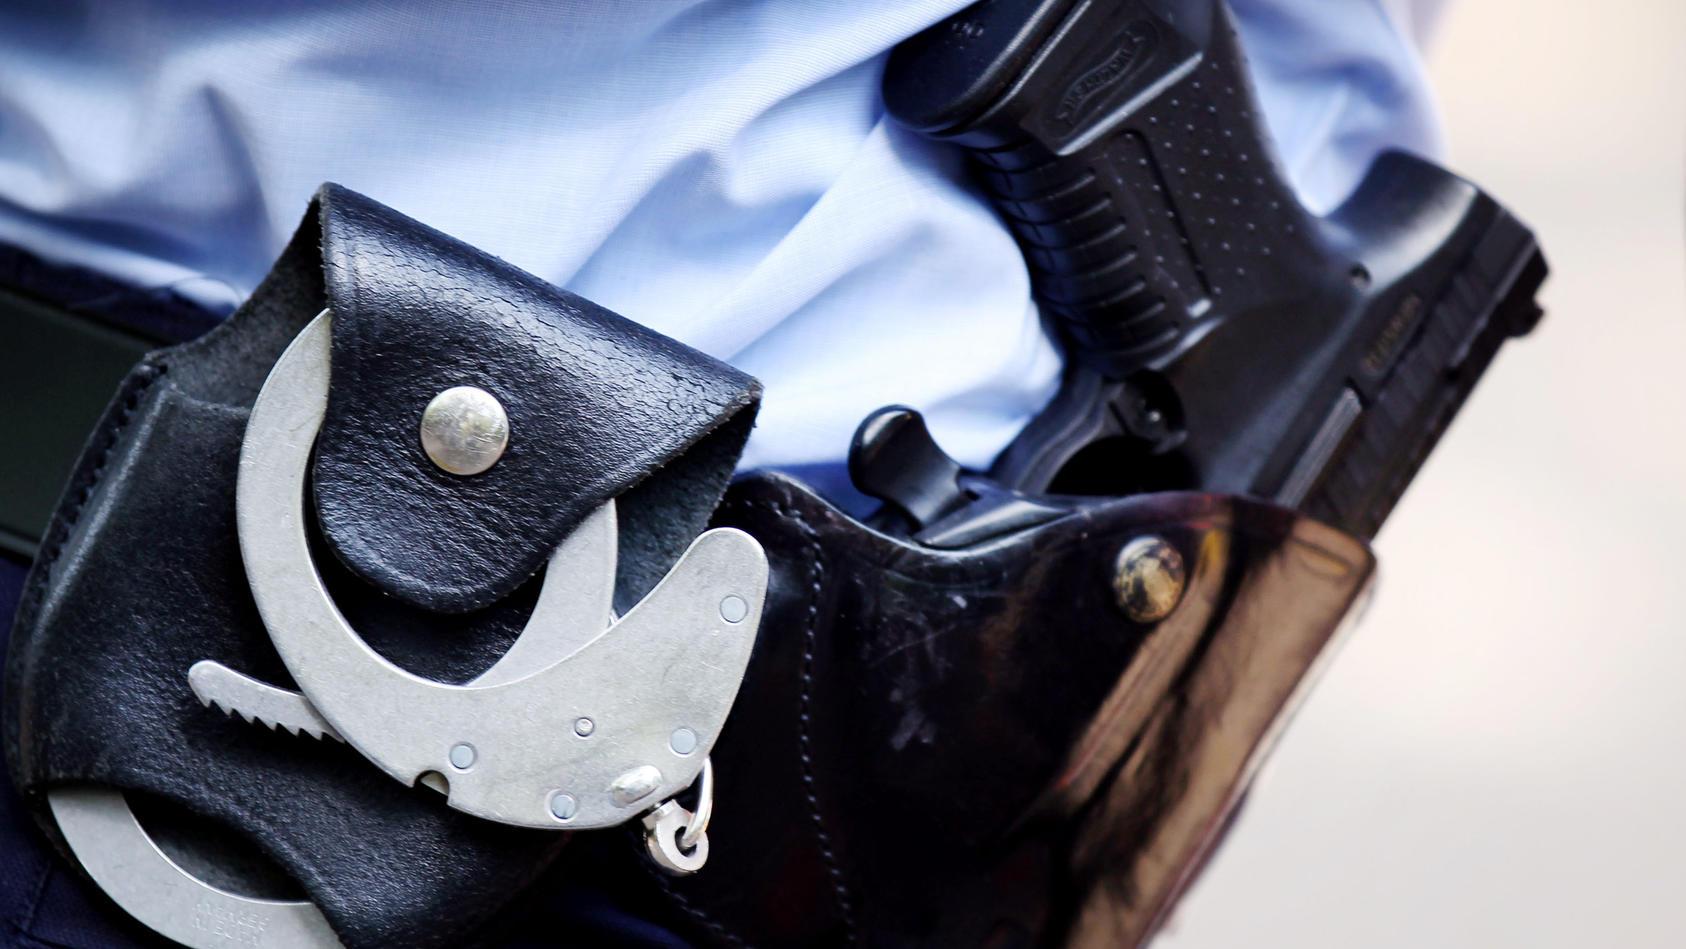 Ein 27-Jähriger Syrer soll im Flüchtlingsheim in Koblenz-Güls einen Polizisten angegriffen haben - der schoss ihn daraufhin nieder. (Symbolbild)